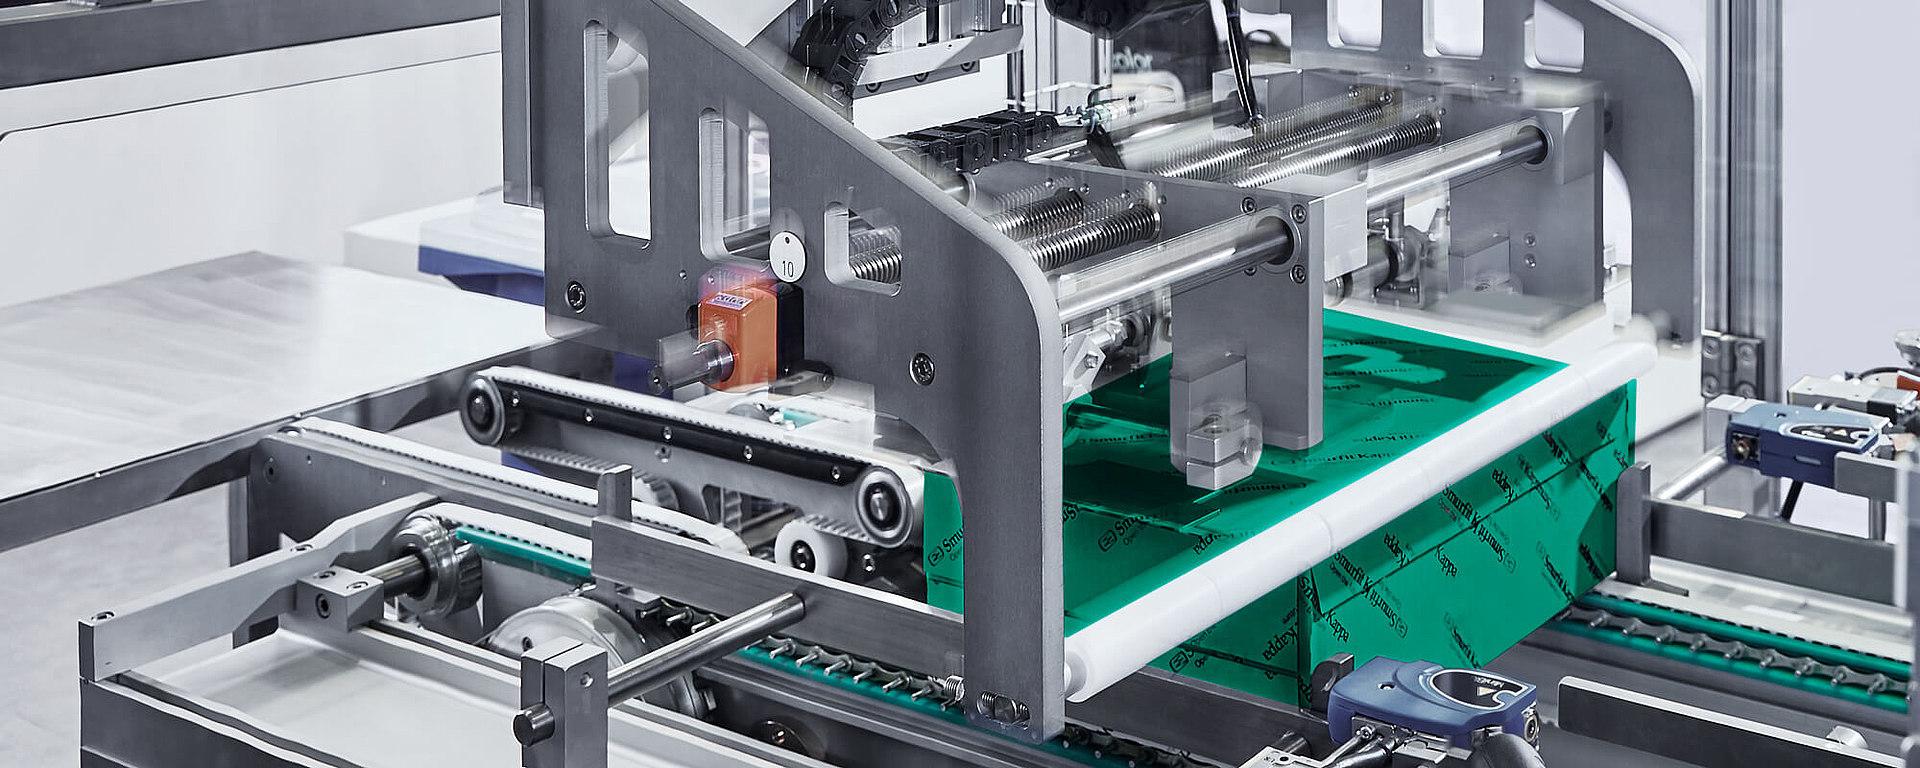 Die Verpackungsindustrie wird als Beispiel für Getriebeanwendungen gezeigt